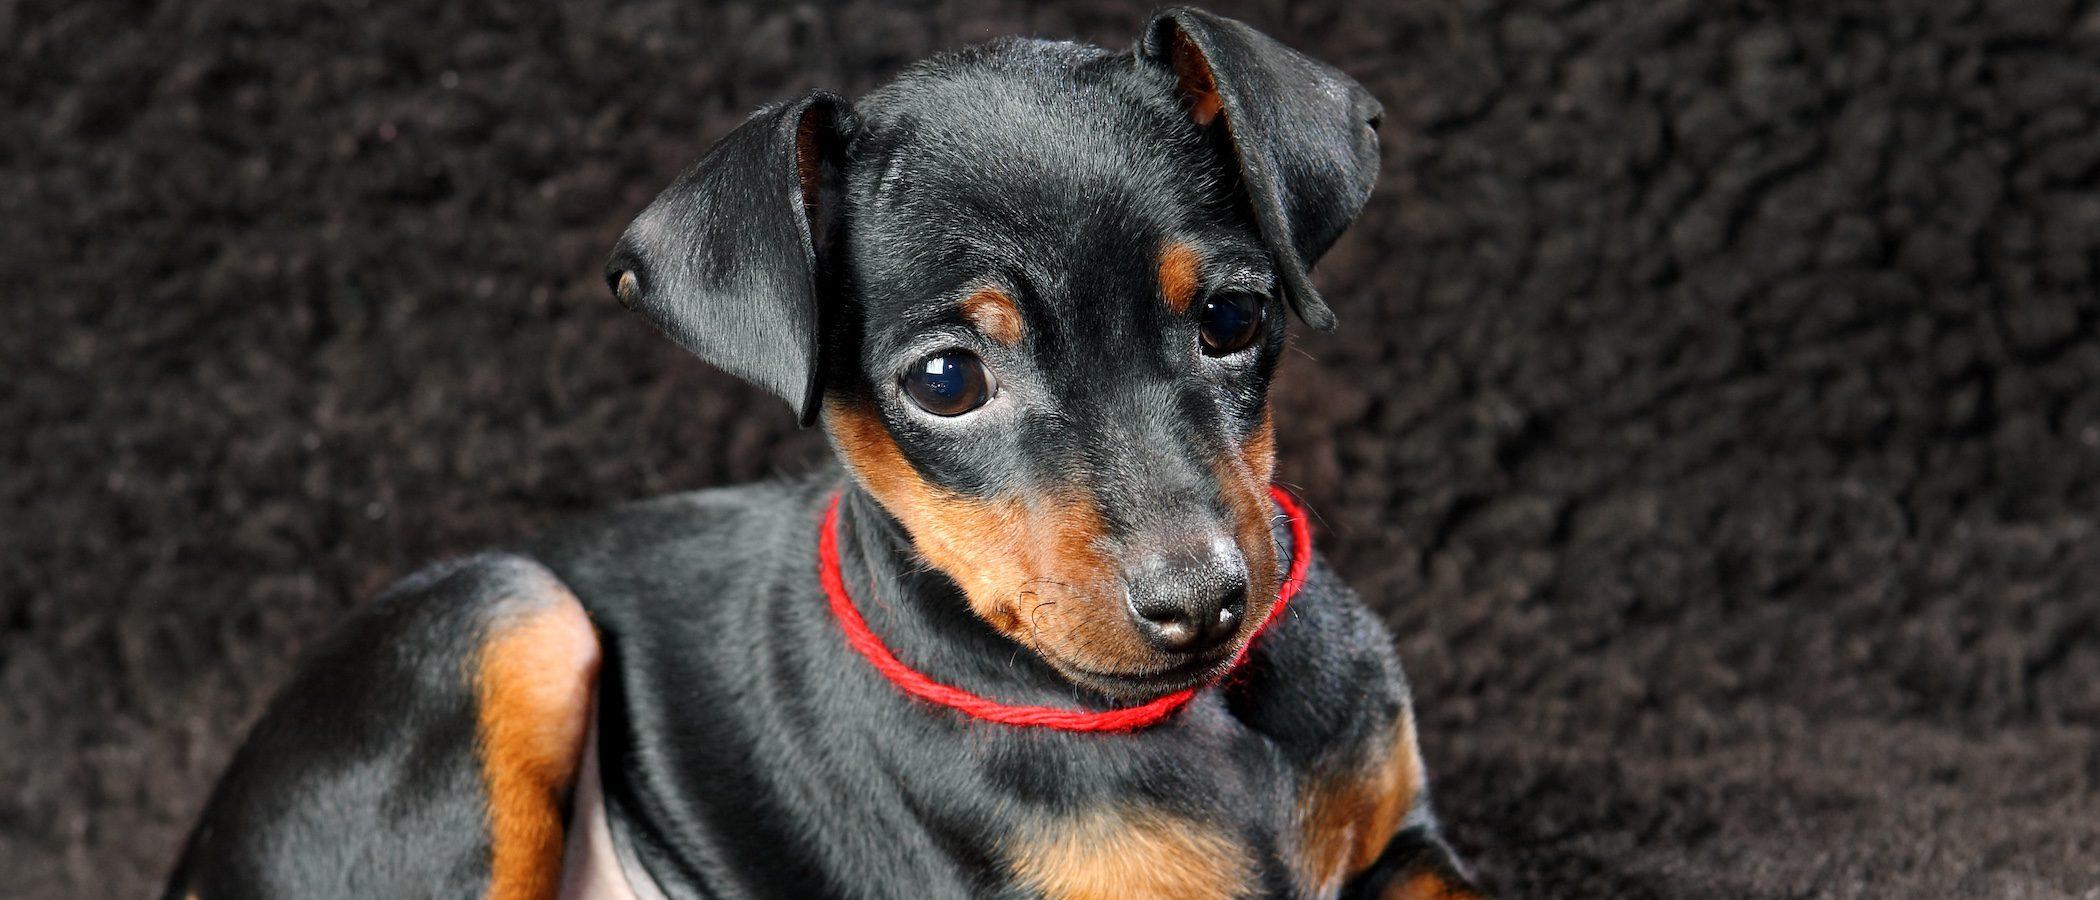 Doberman cachorro: Todo lo que necesitas saber